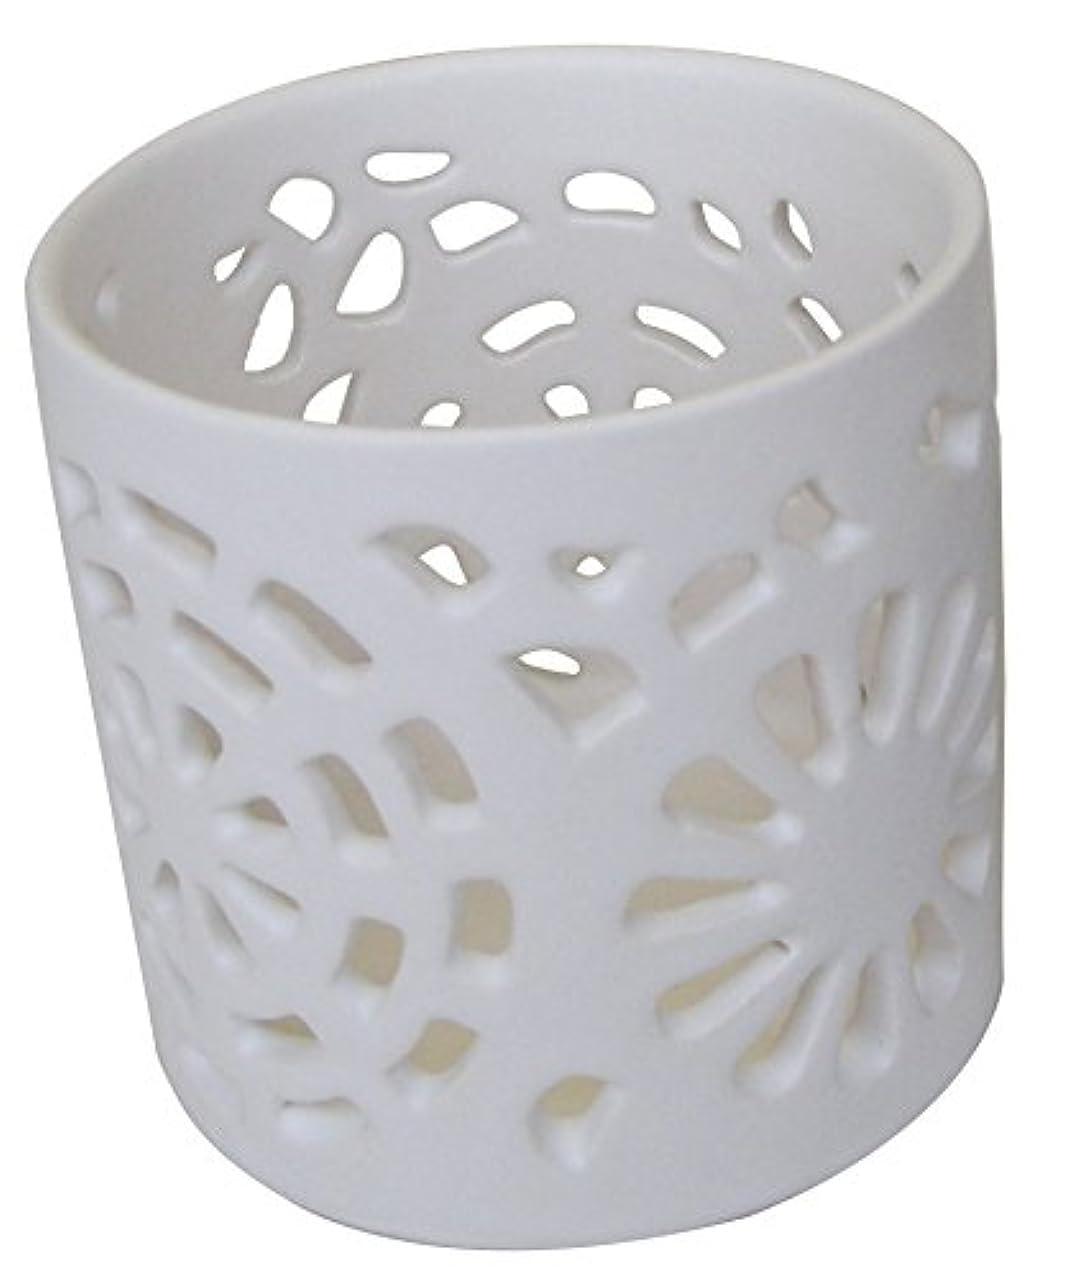 悲惨なおもしろい代名詞マルエス 陶器製 燭台 日輪 ホワイト